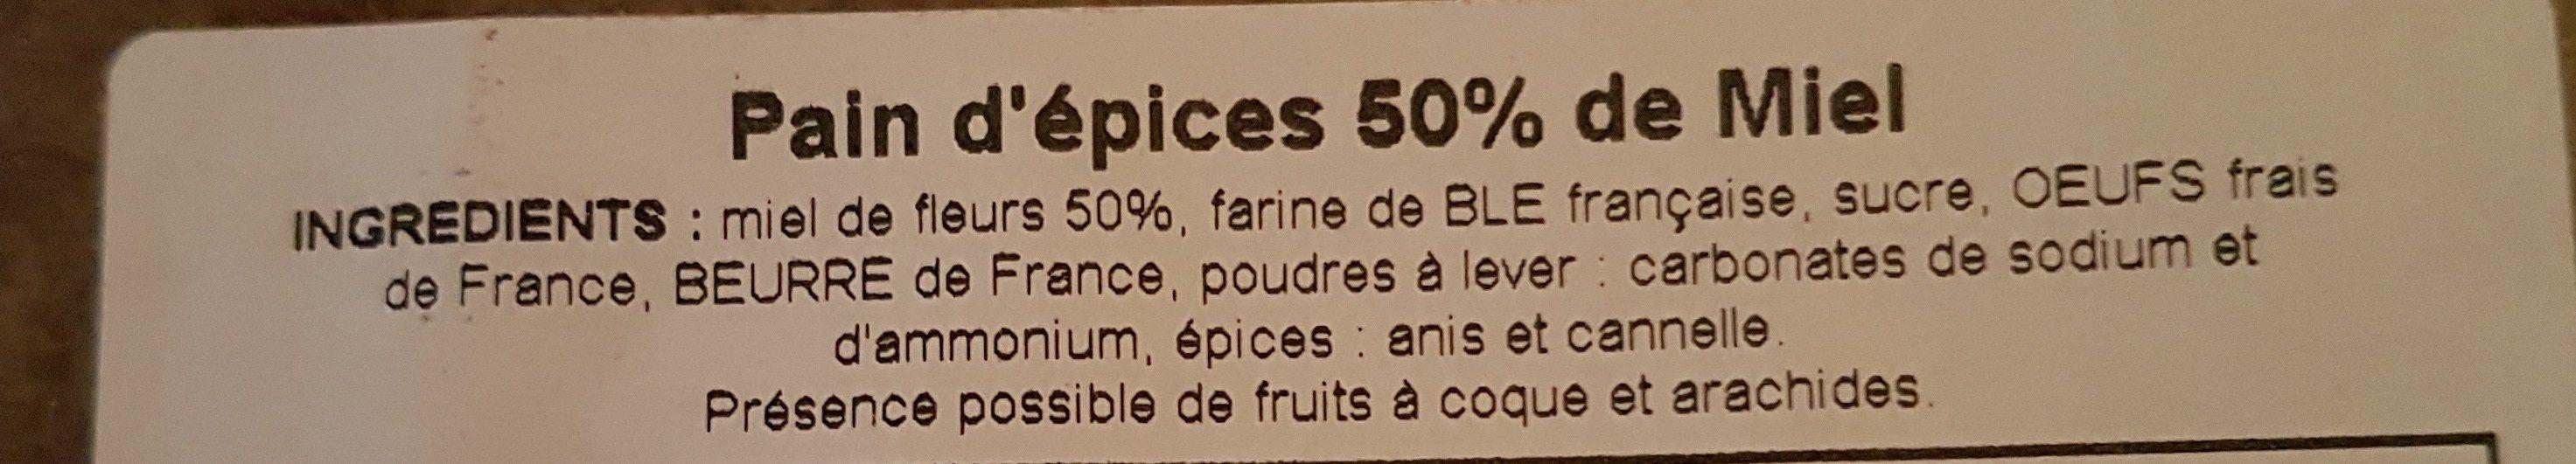 Pain dépices 50% miel - Ingredients